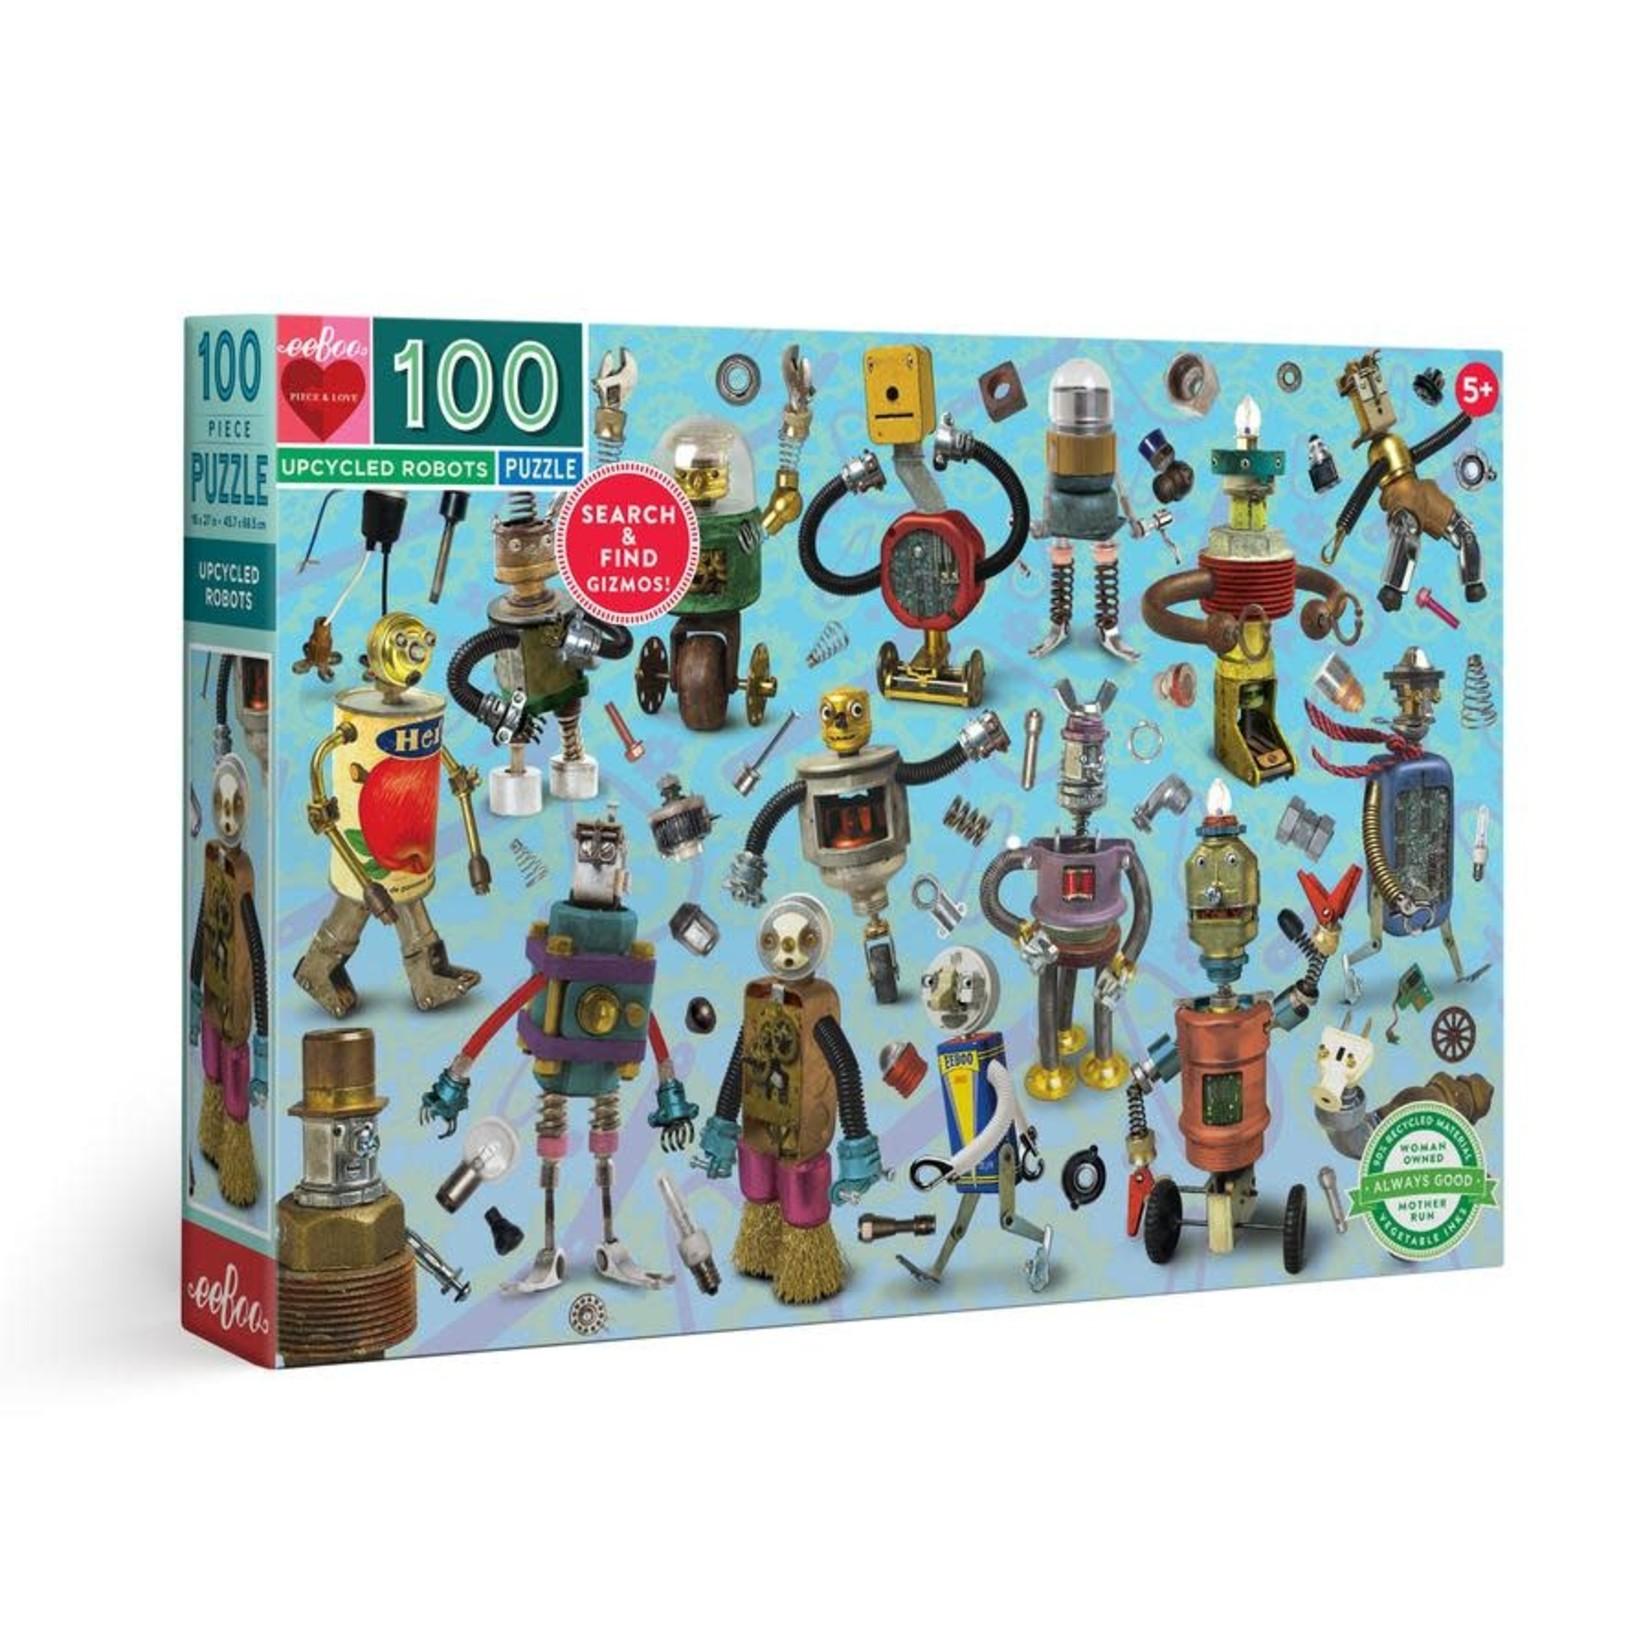 eeBoo eeBoo Puzzle: Upcycled Robots 100 pc